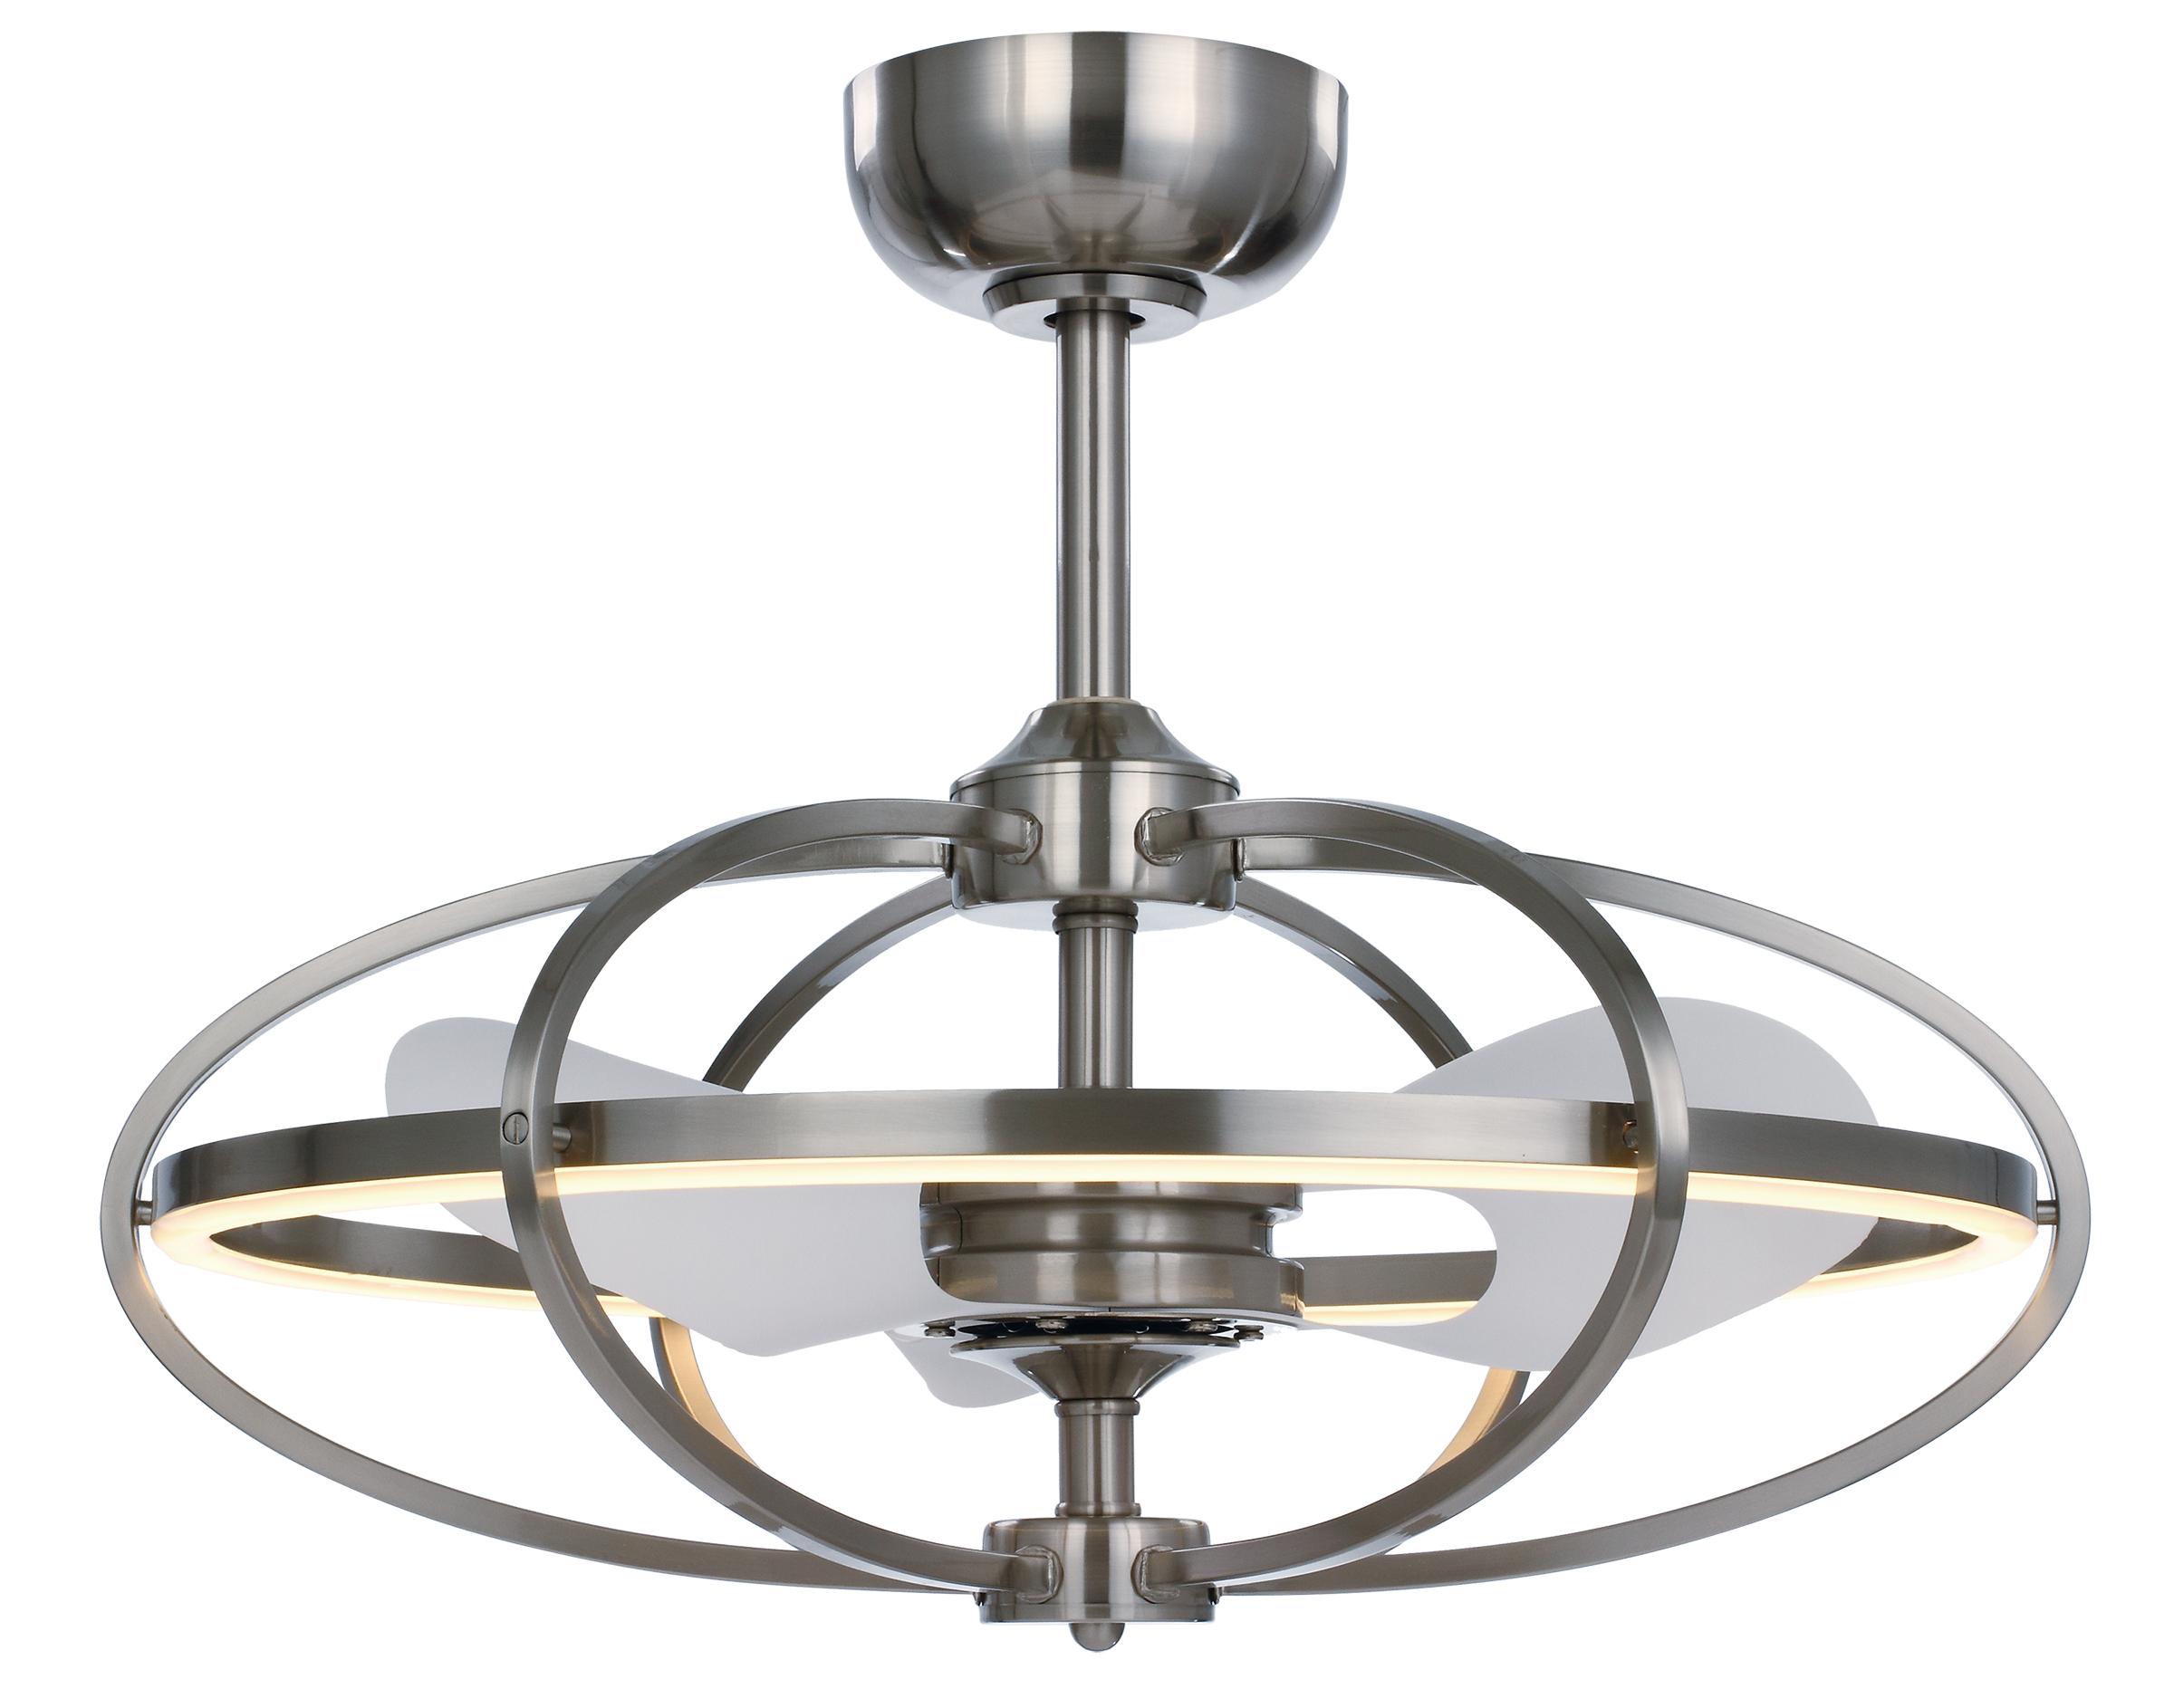 Corona Led Fandelier Fan Maxim Lighting